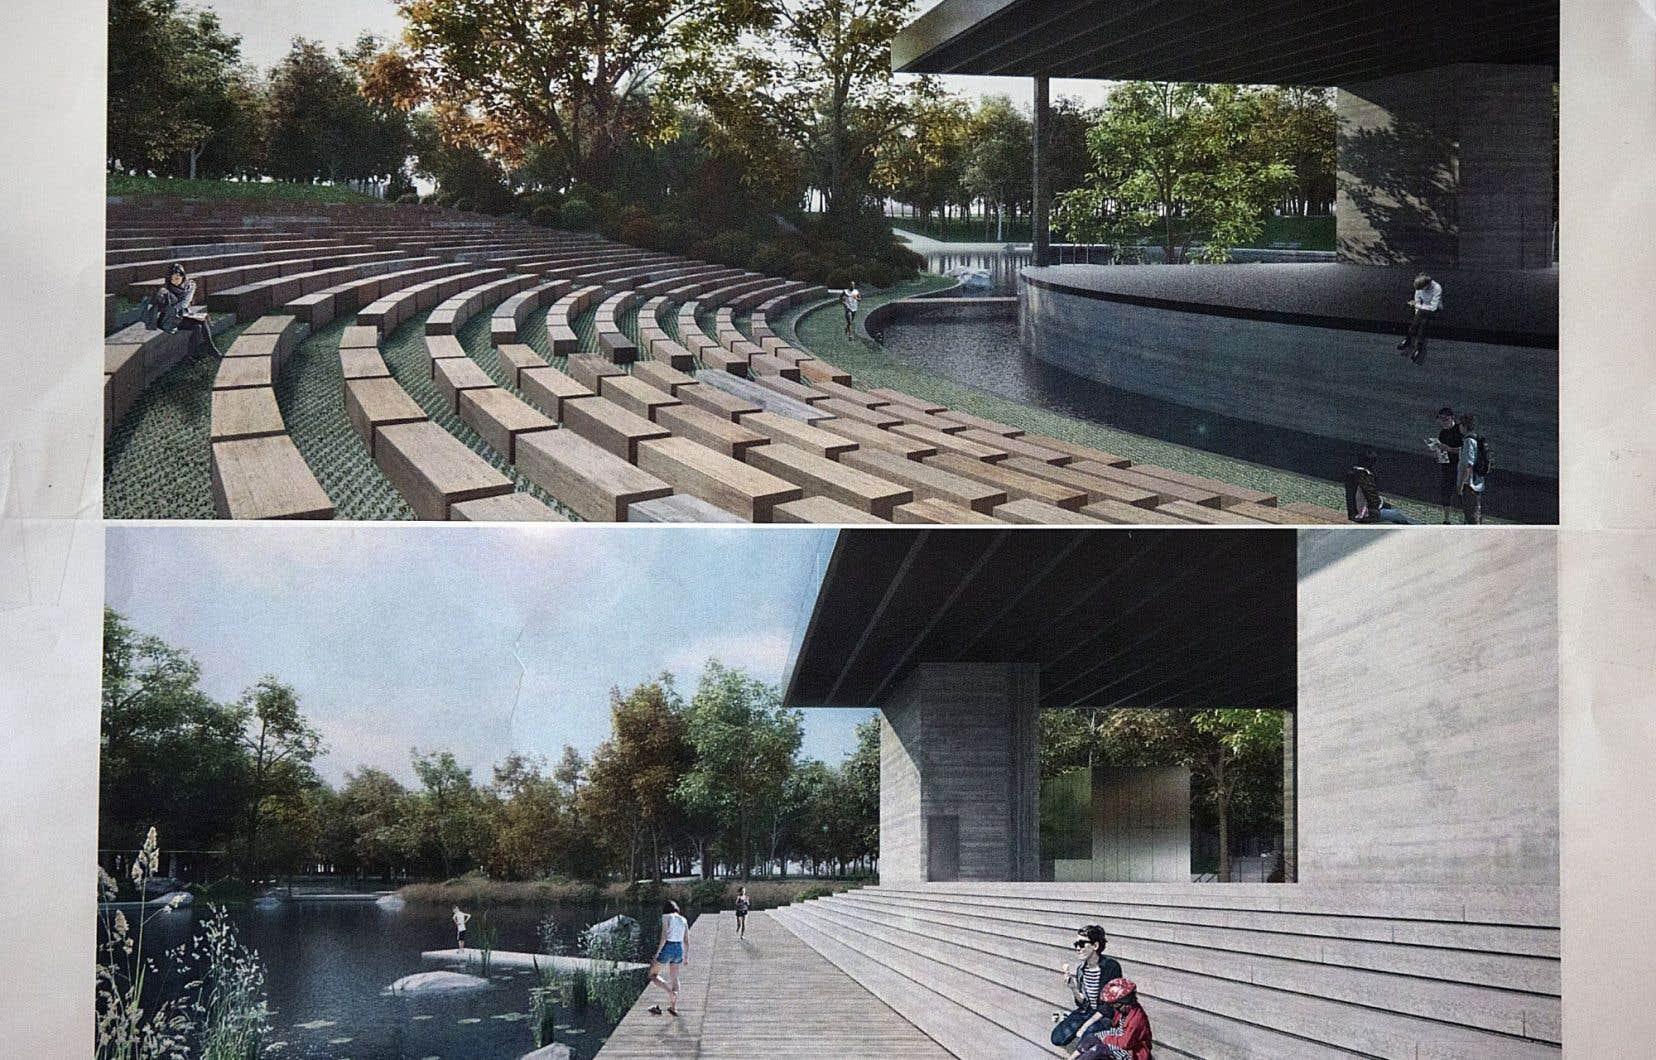 Les plans proposés ont été dessinés par l'architecte Paul Laurendeau, qui a conçu le fameux amphithéâtre en plein air de Trois-Rivières.